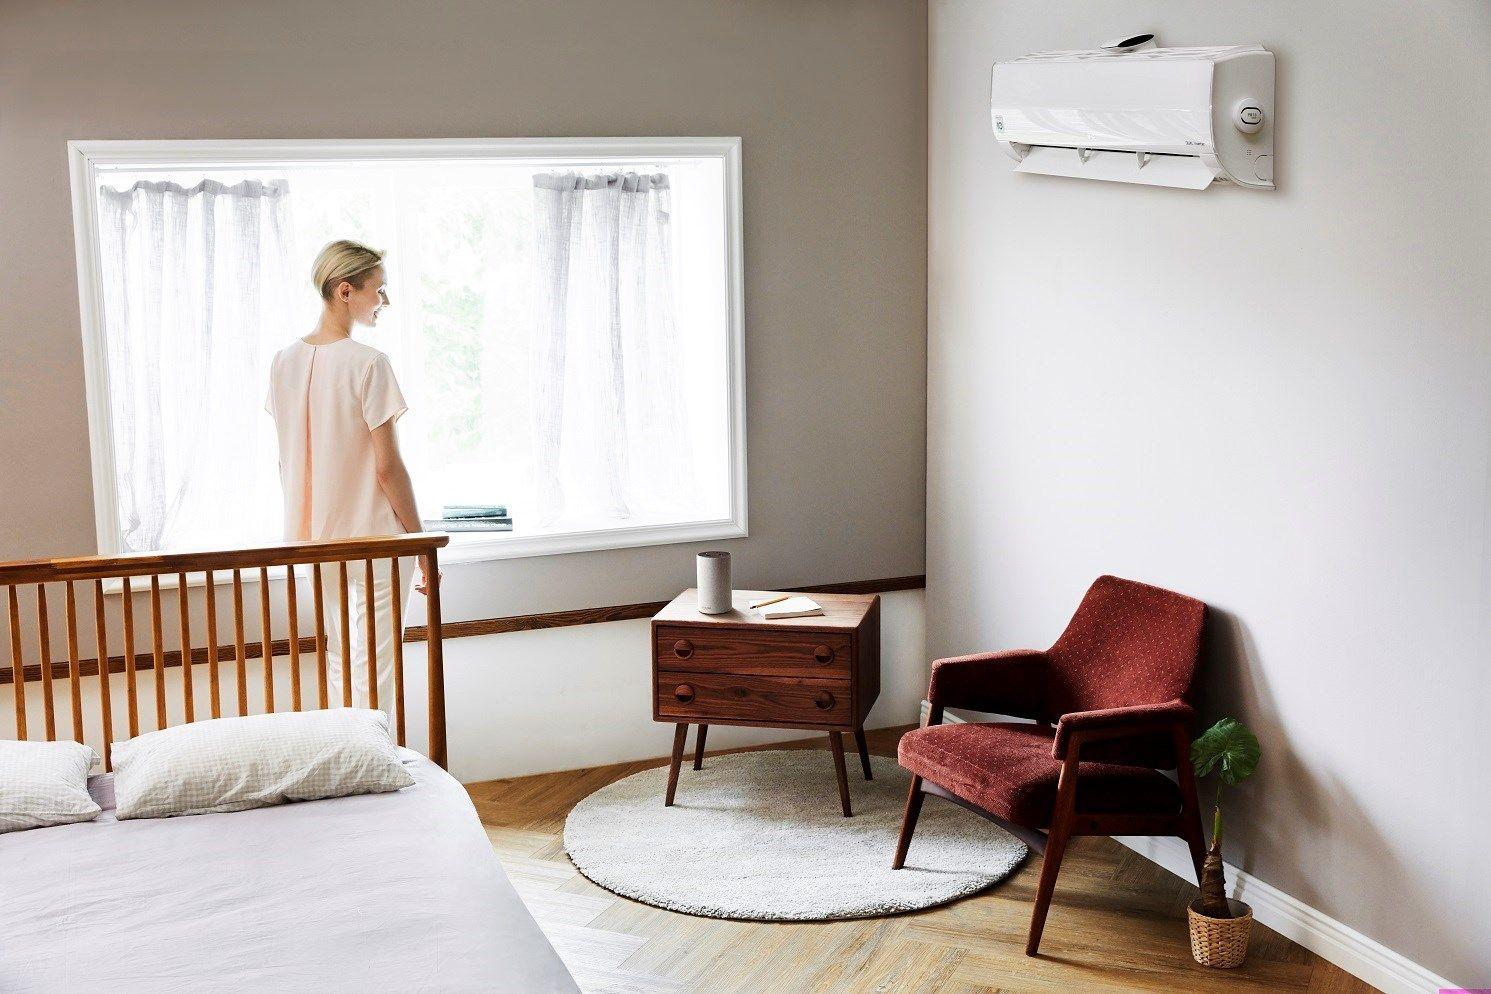 Climatizzatori e purificatori d'aria LG sempre più smart grazie alla compatibilità con Amazon Alexa